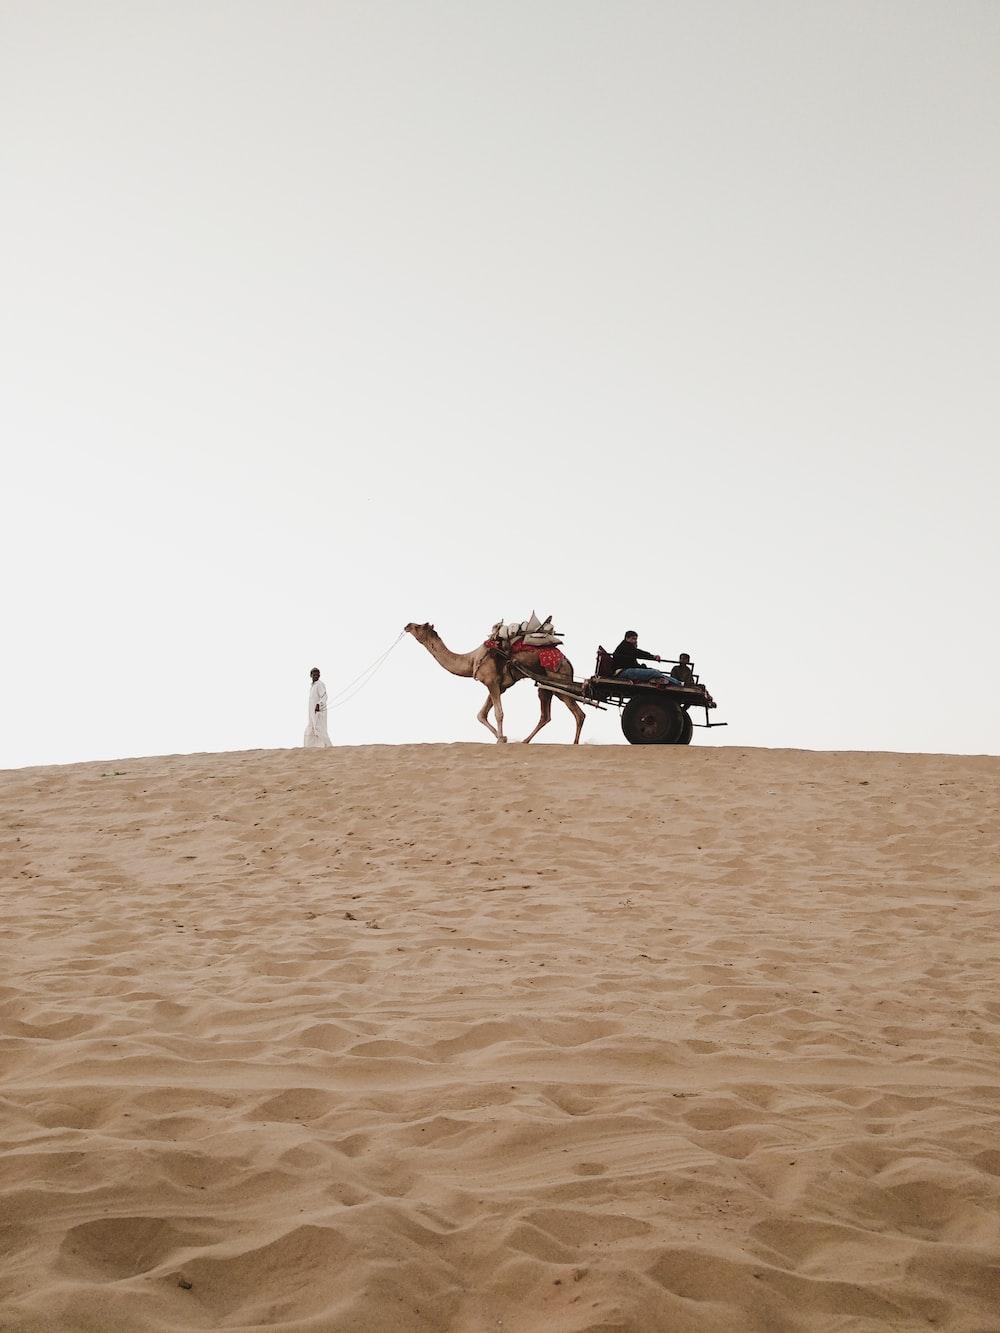 man riding camel on desert during daytime